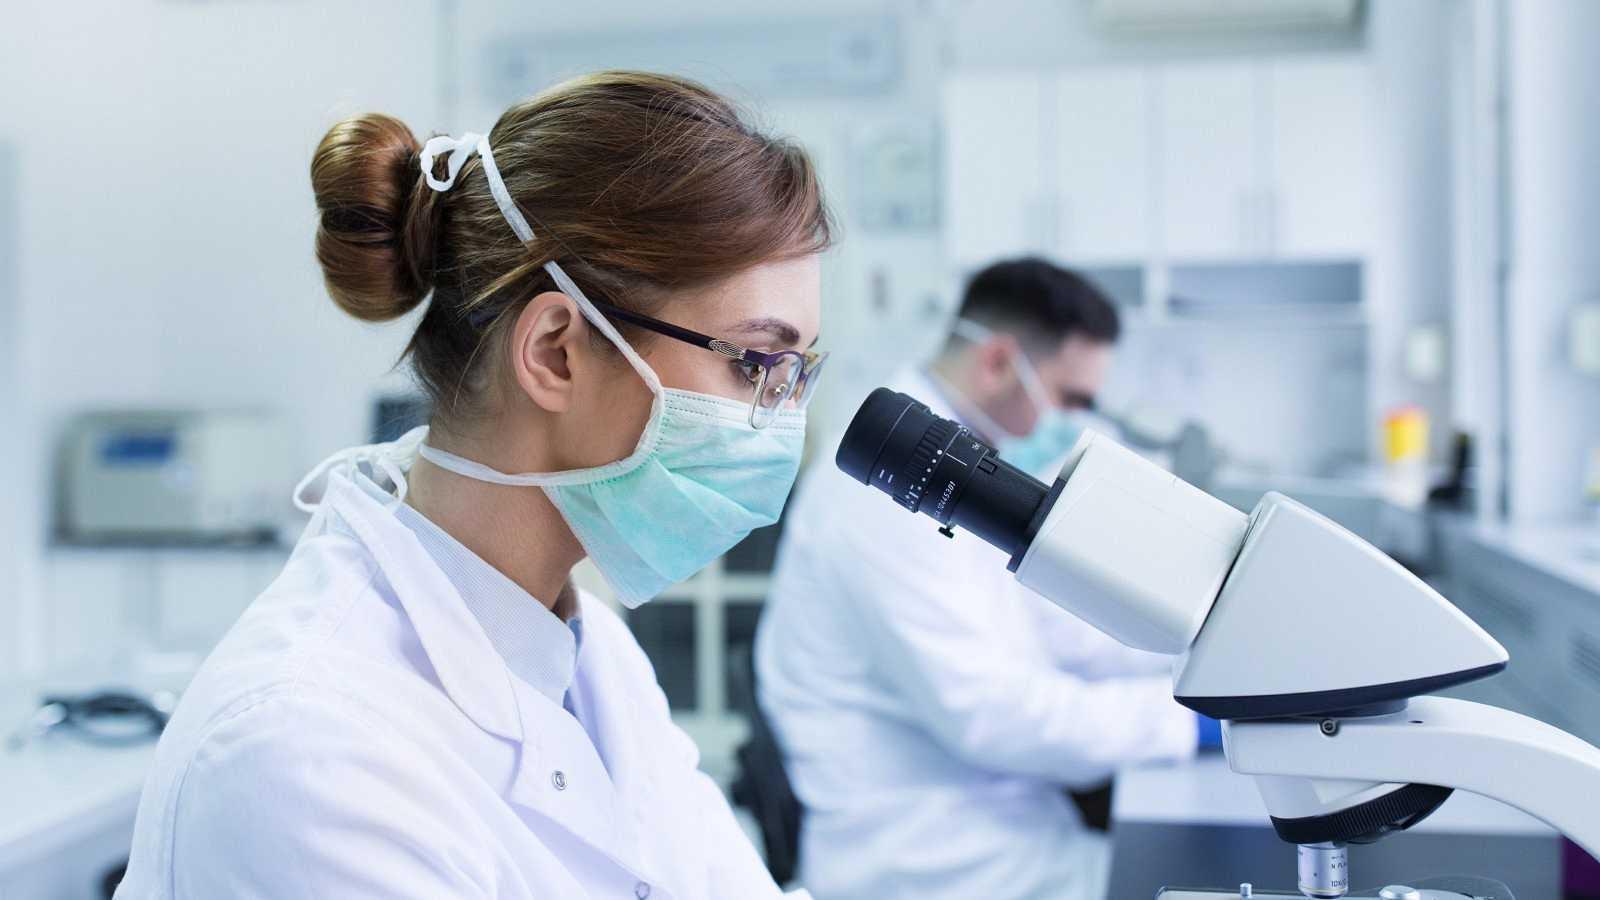 Un científica en un laboratorio, imagen ed archivo